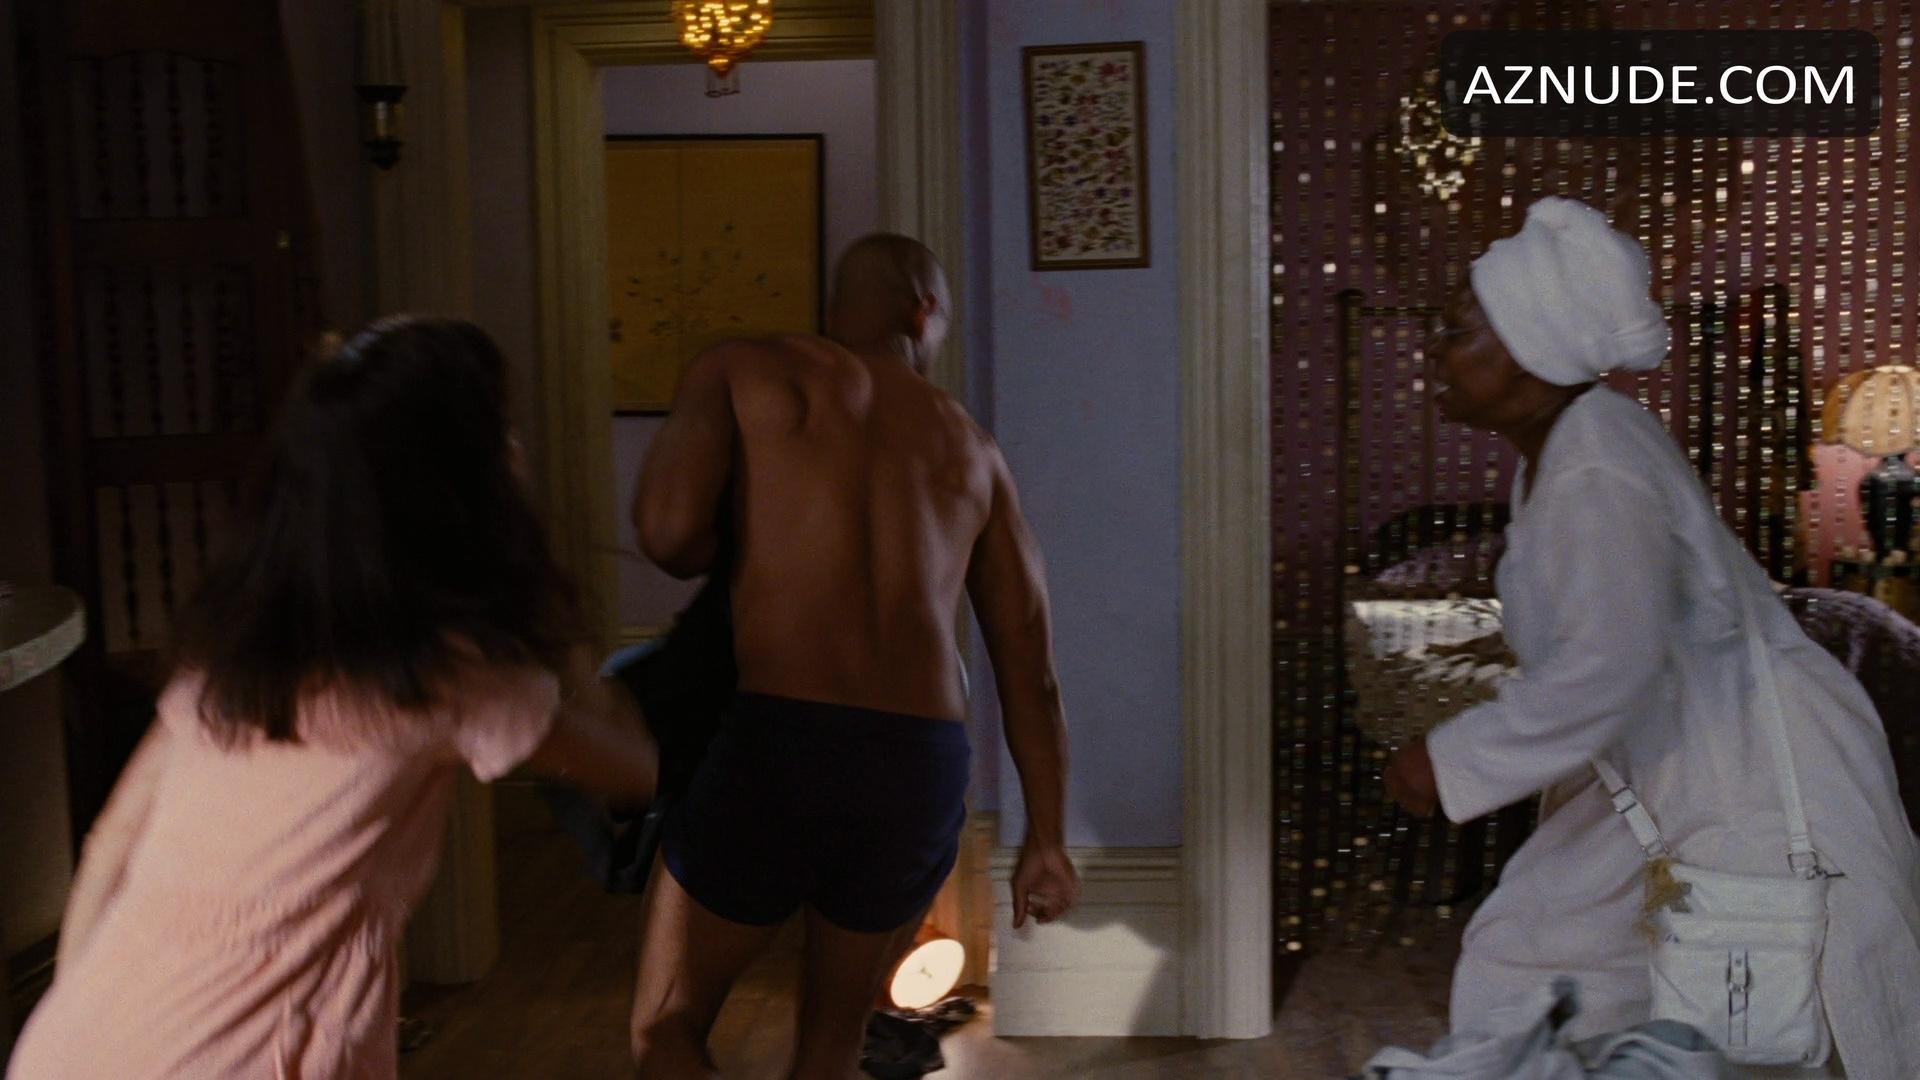 For Colored Girls Nude Scenes - Aznude Men-8051